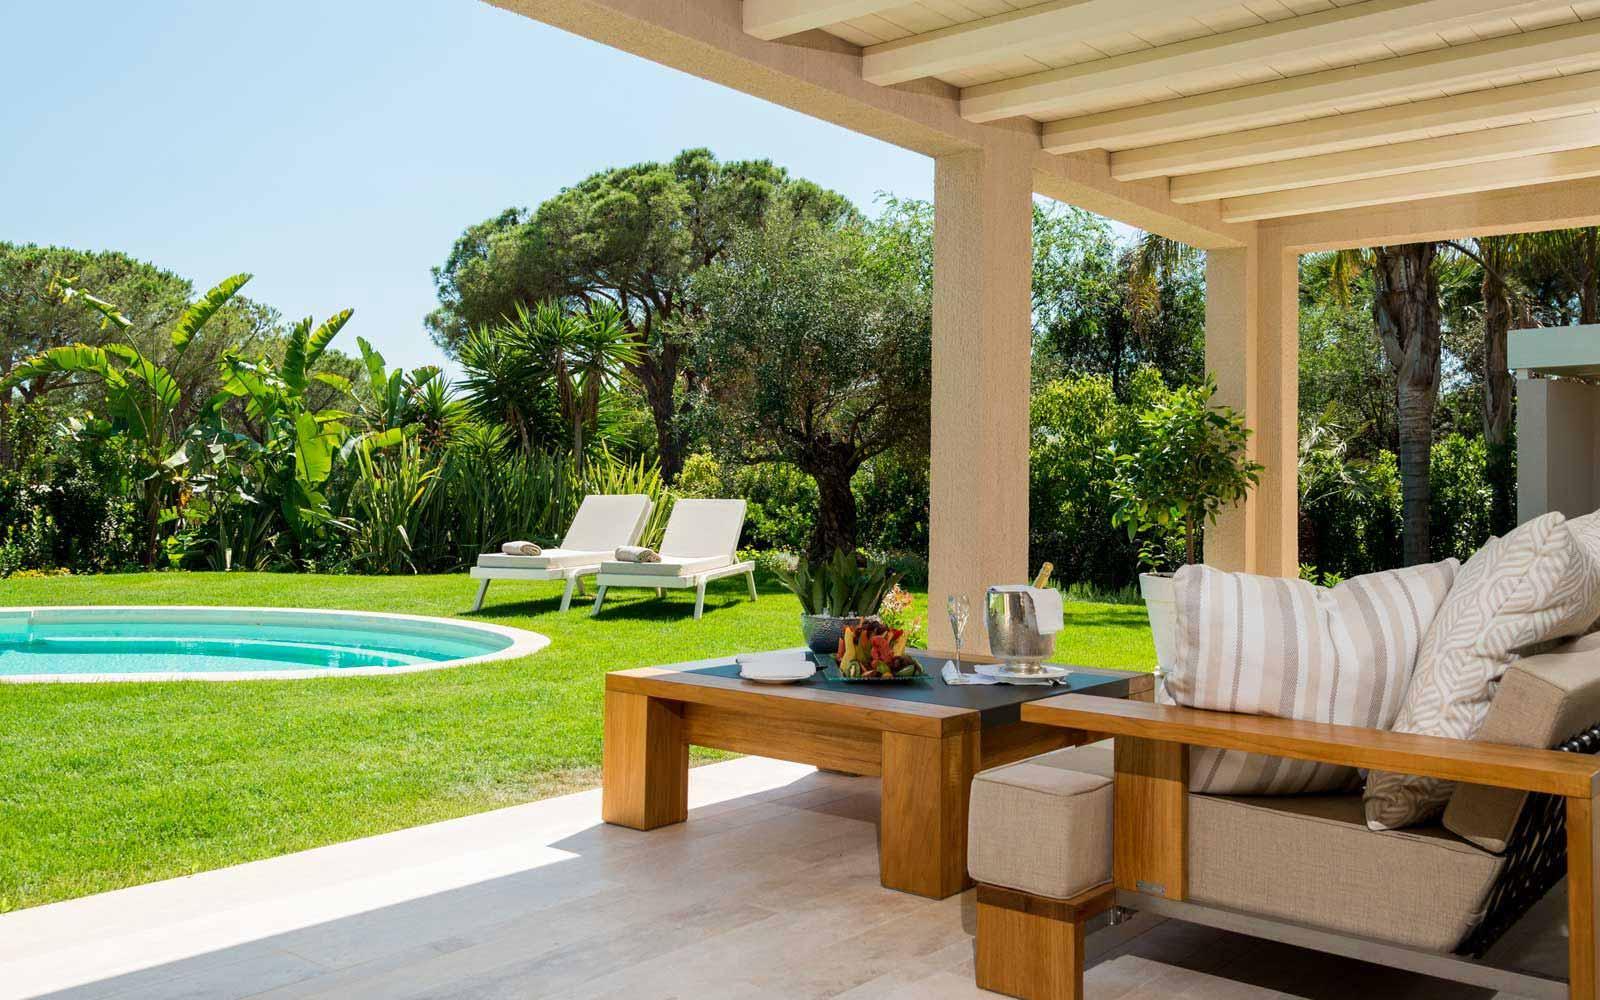 Villa Lavinia exterior at Forte Village Resort